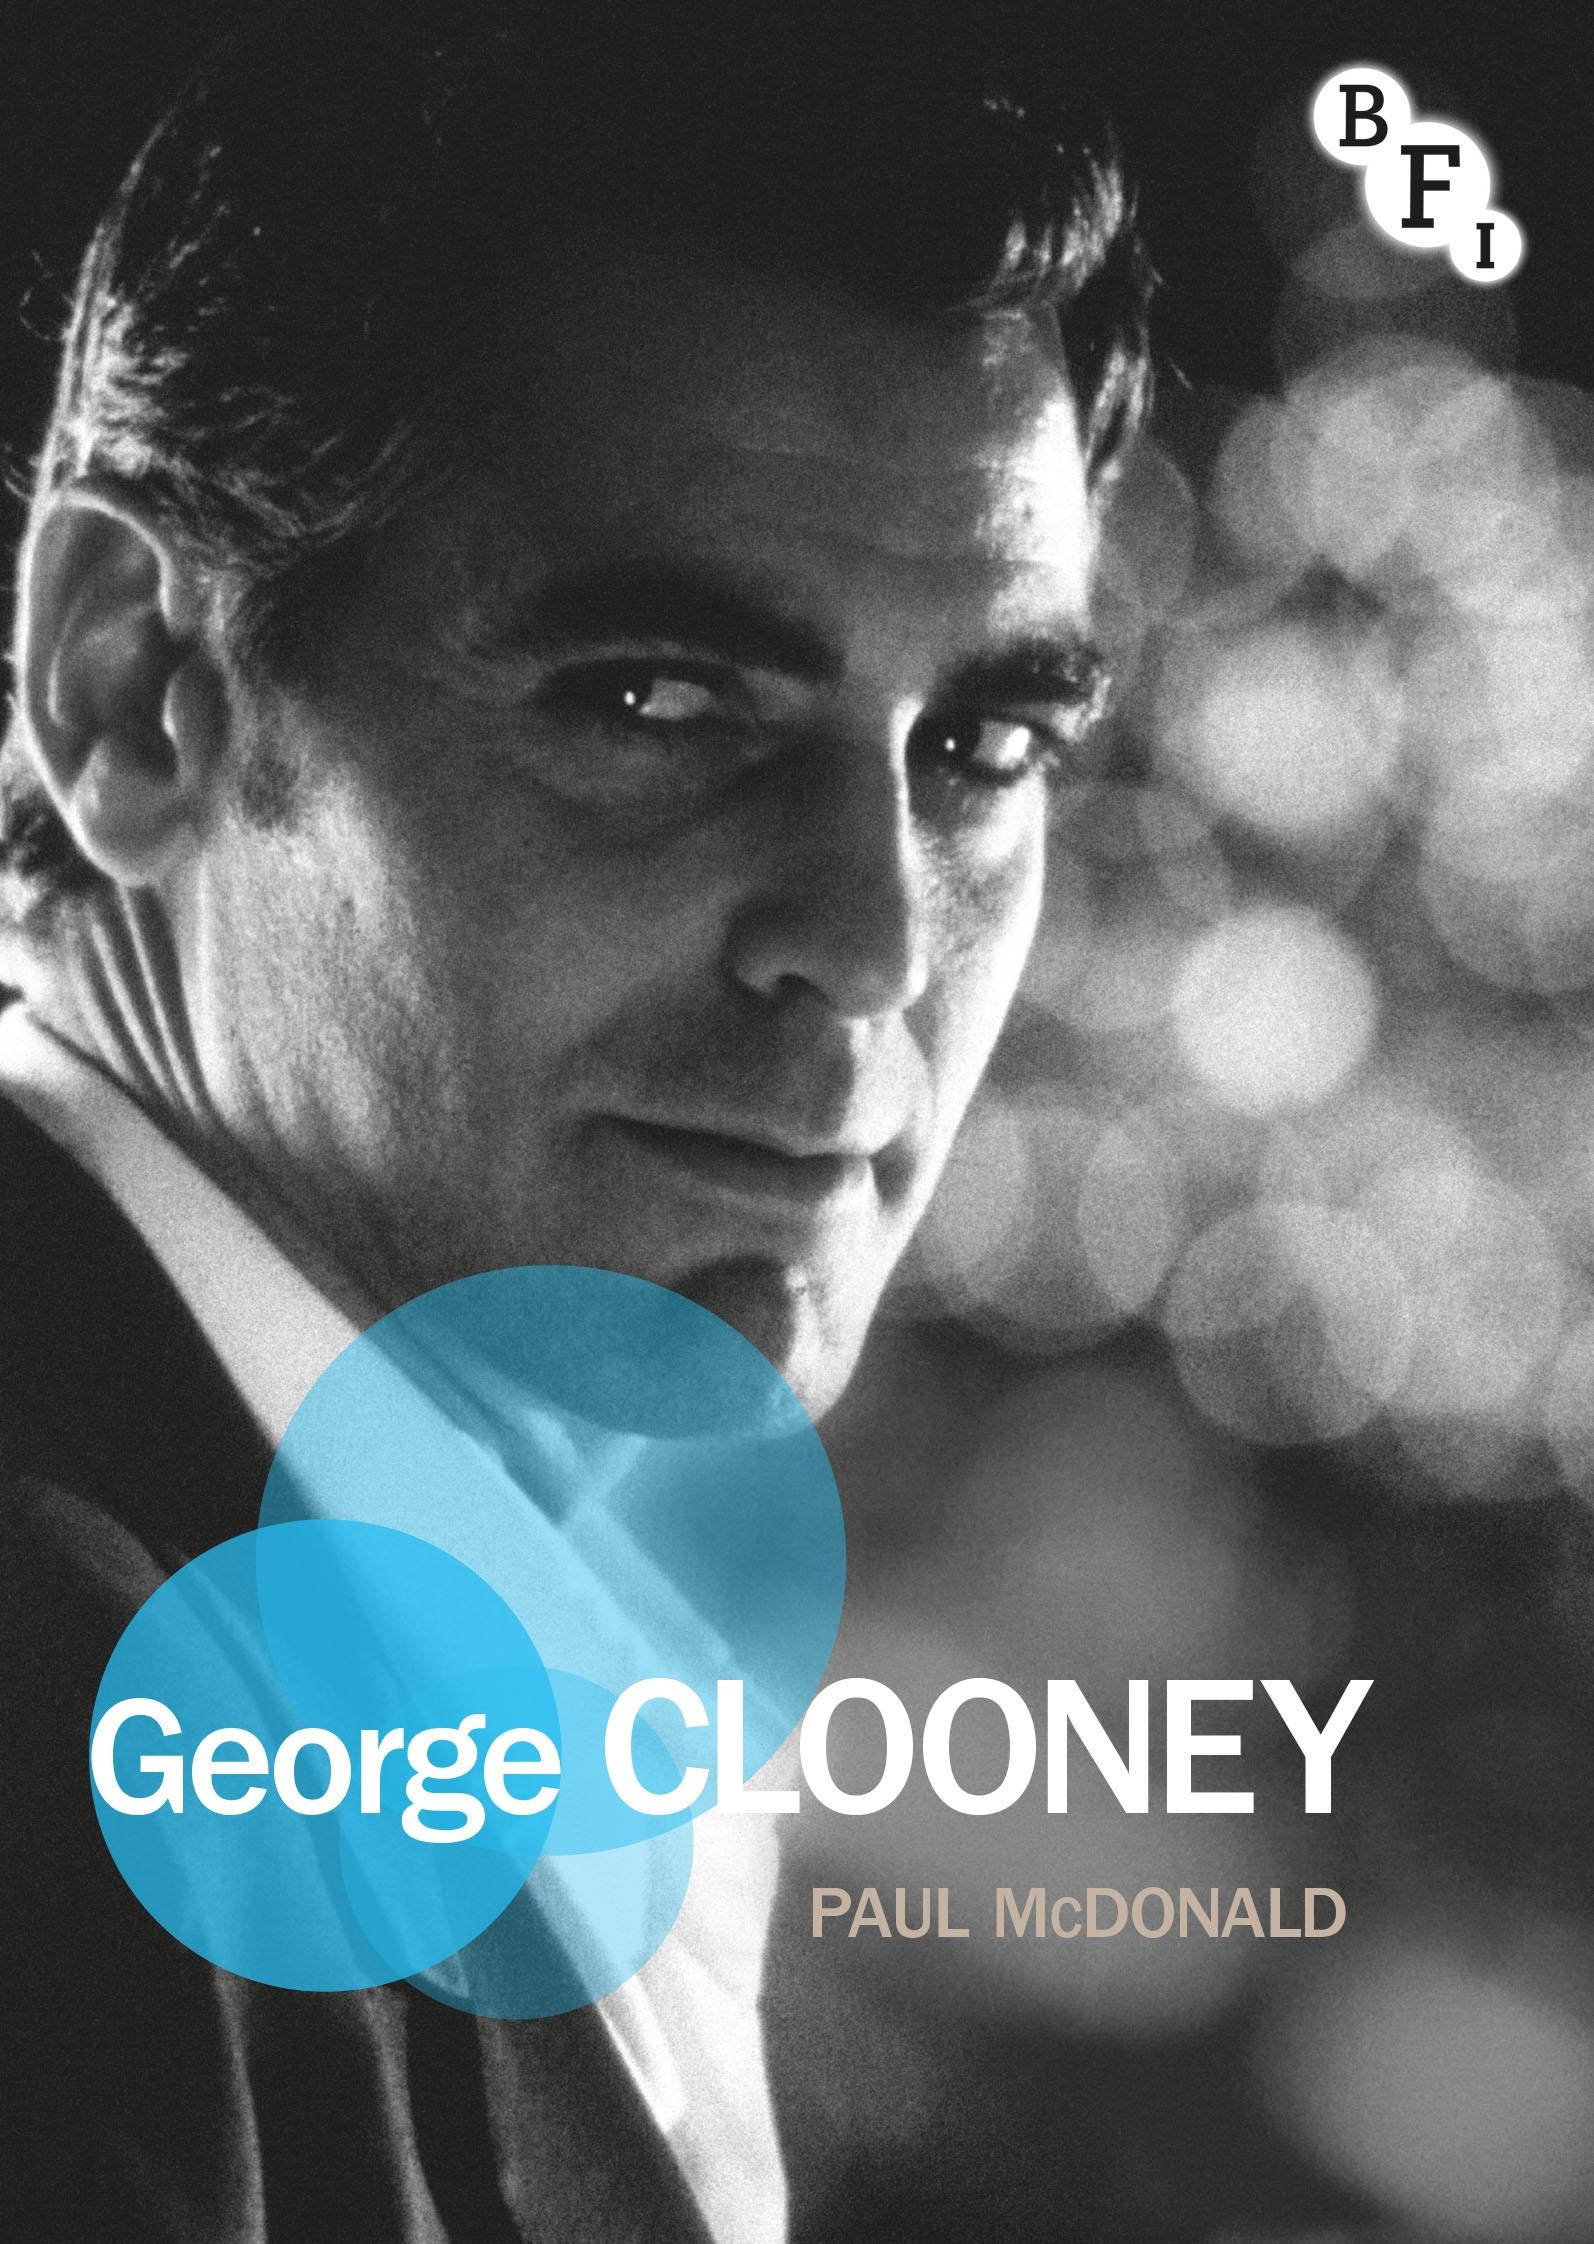 Buy George Clooney